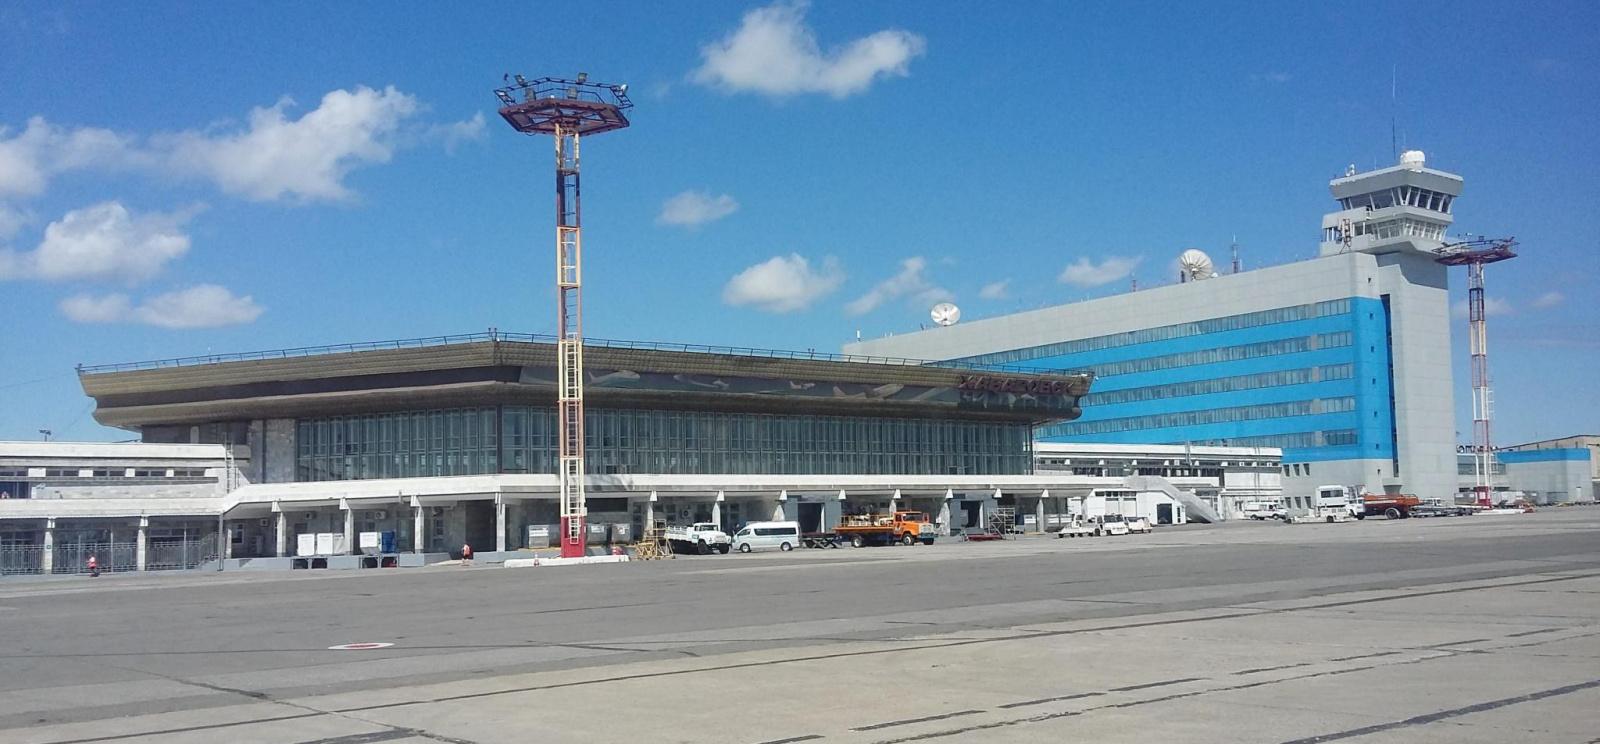 В аэропорту Хабаровска модернизируют объекты аэродромной инфраструктуры